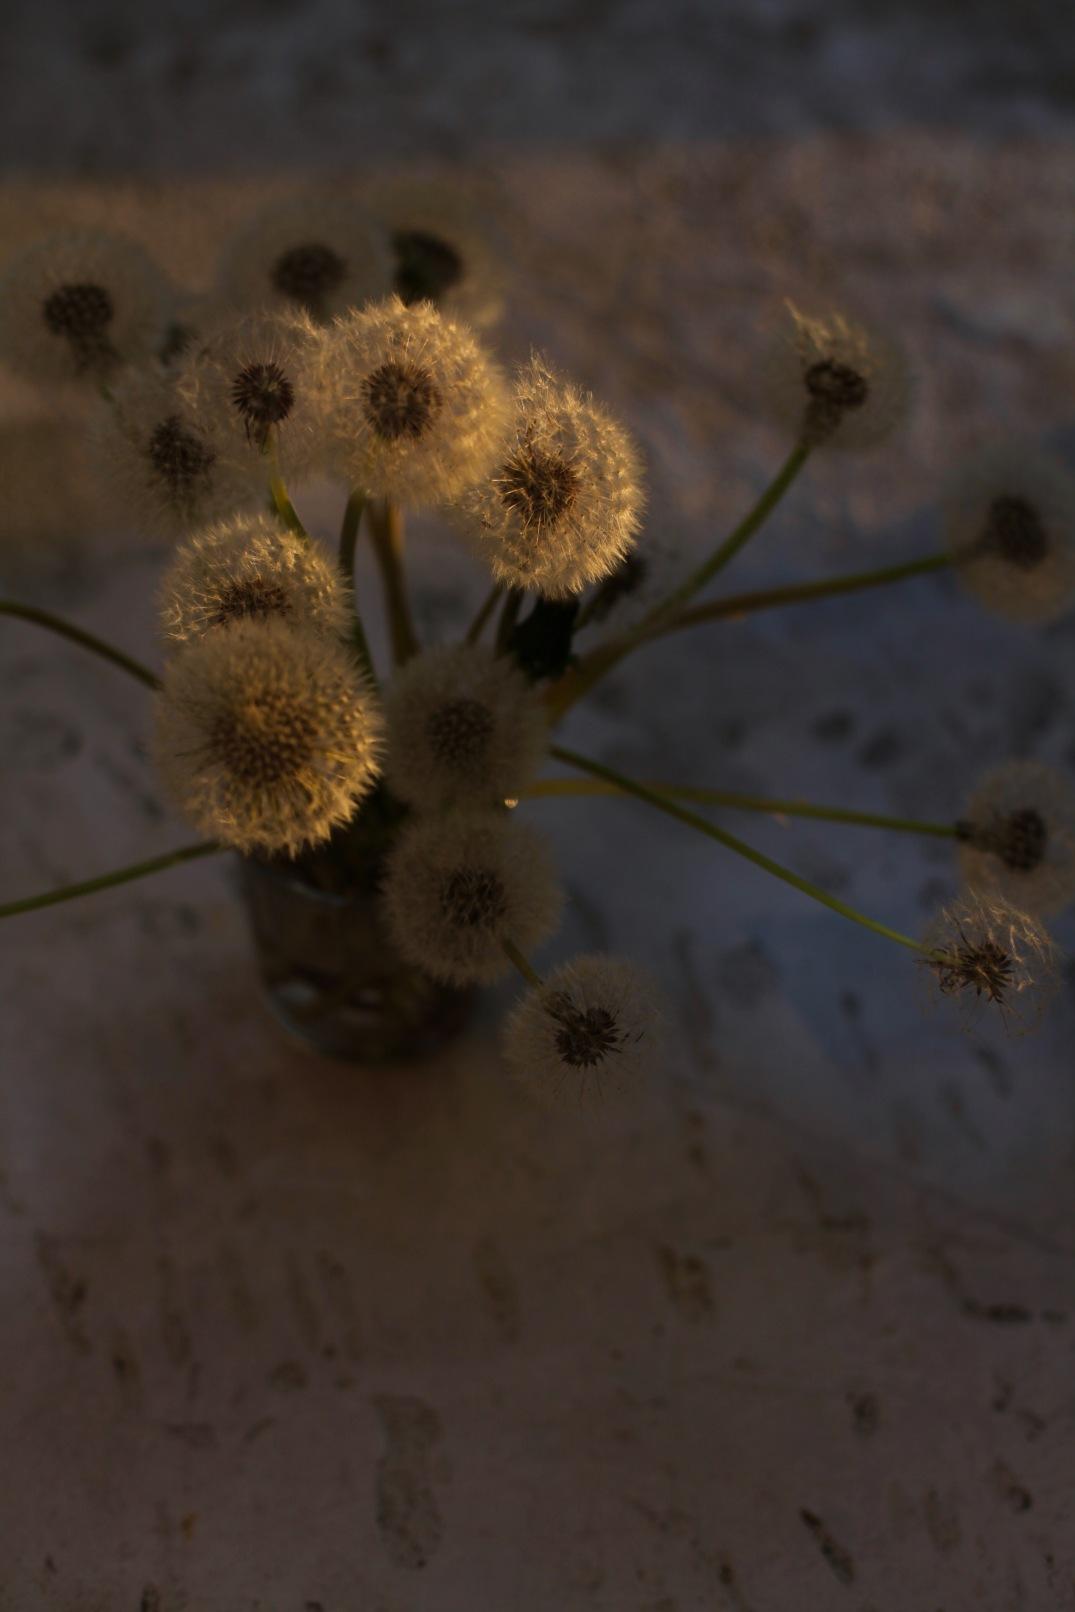 golden dandelions in the evening sun via anastasiabenko.com